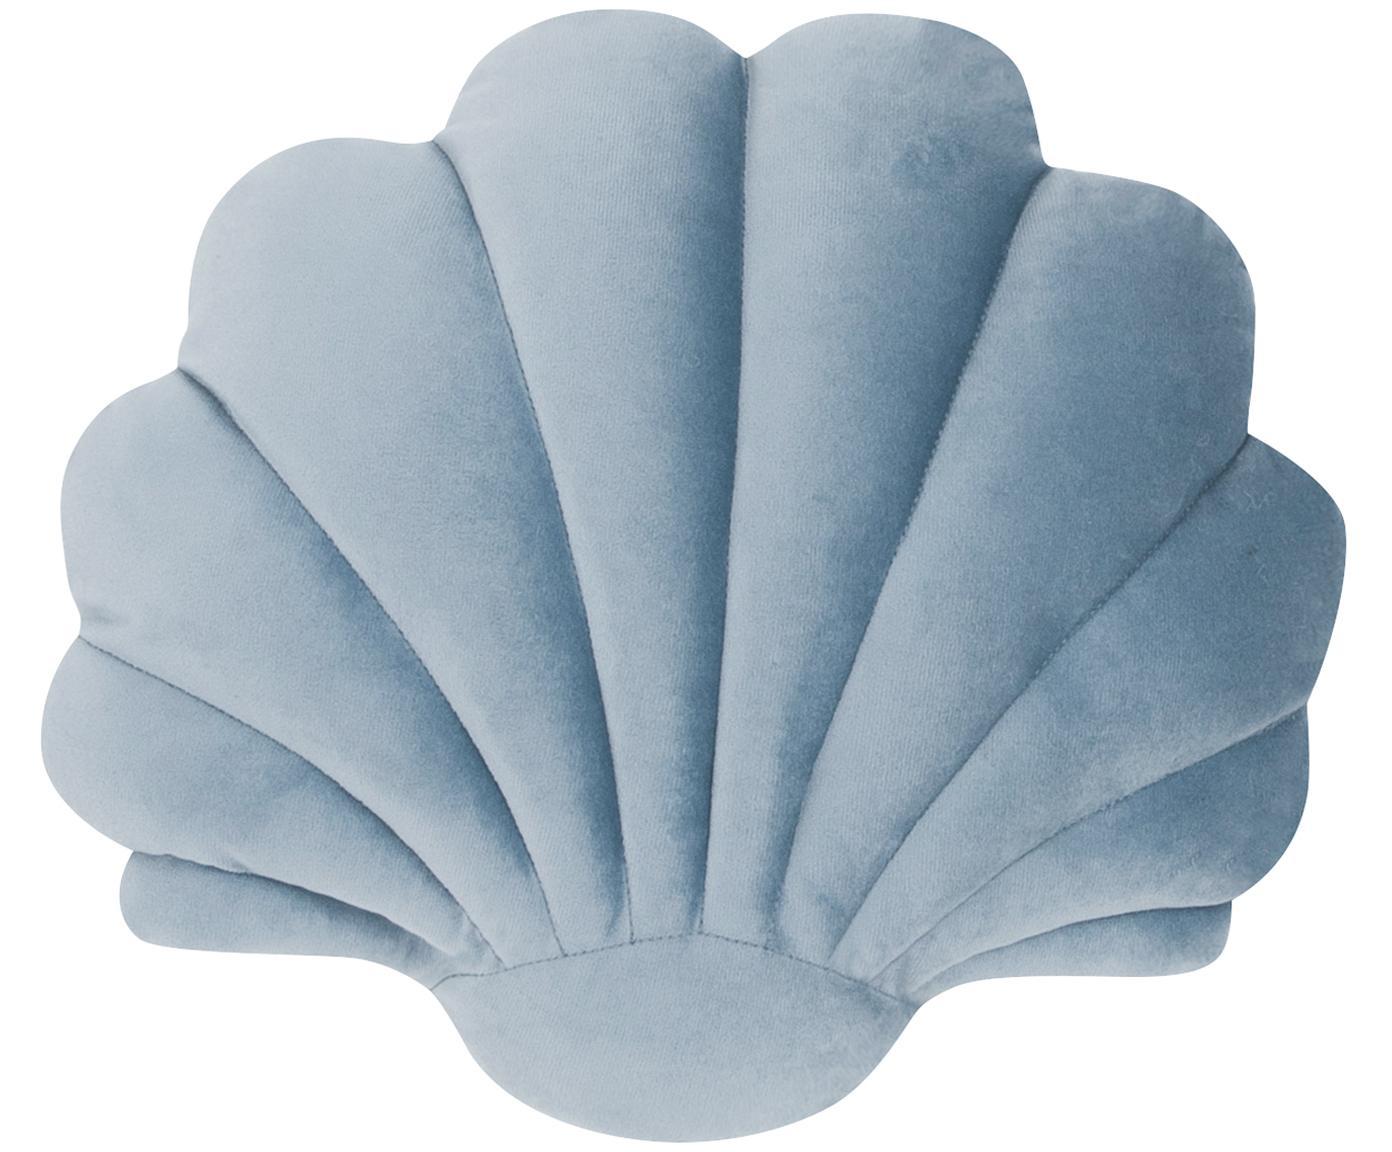 Kussen Shell, Lichtblauw, 28 x 30 cm